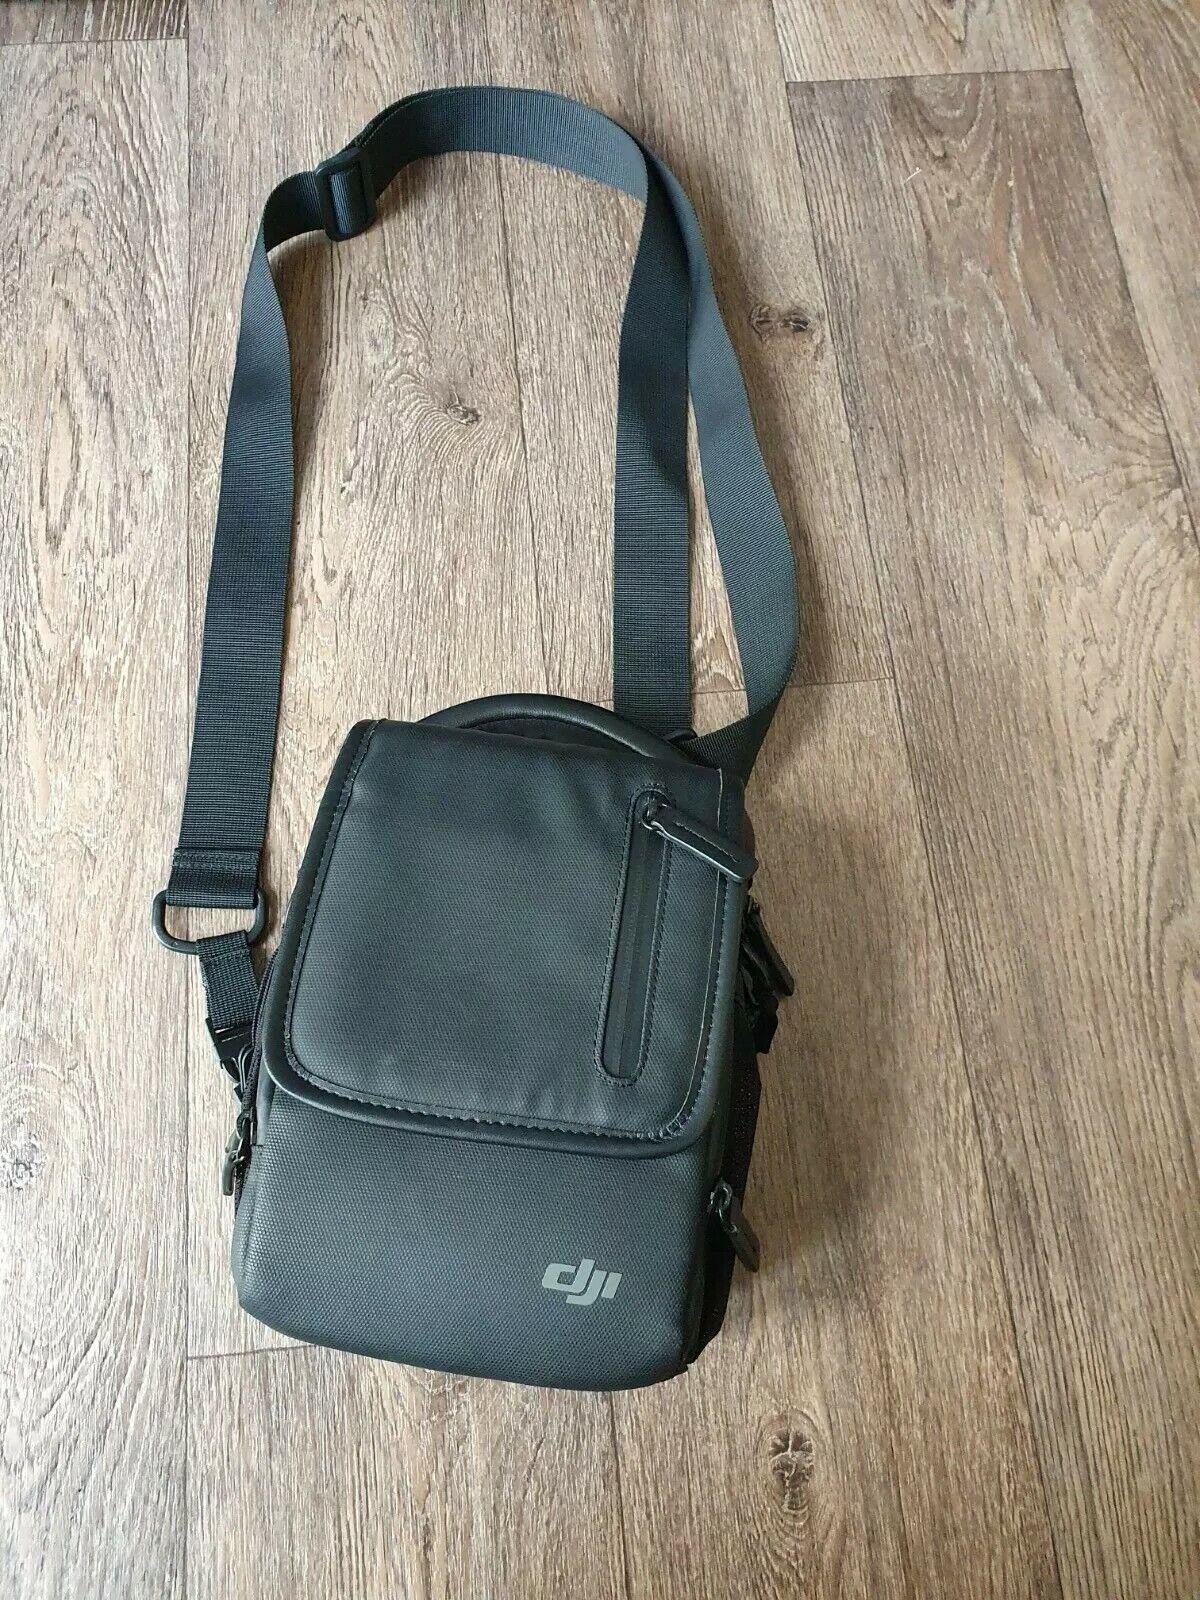 DJI Mavic Pro Official Shoulder Bag, Hardly Used